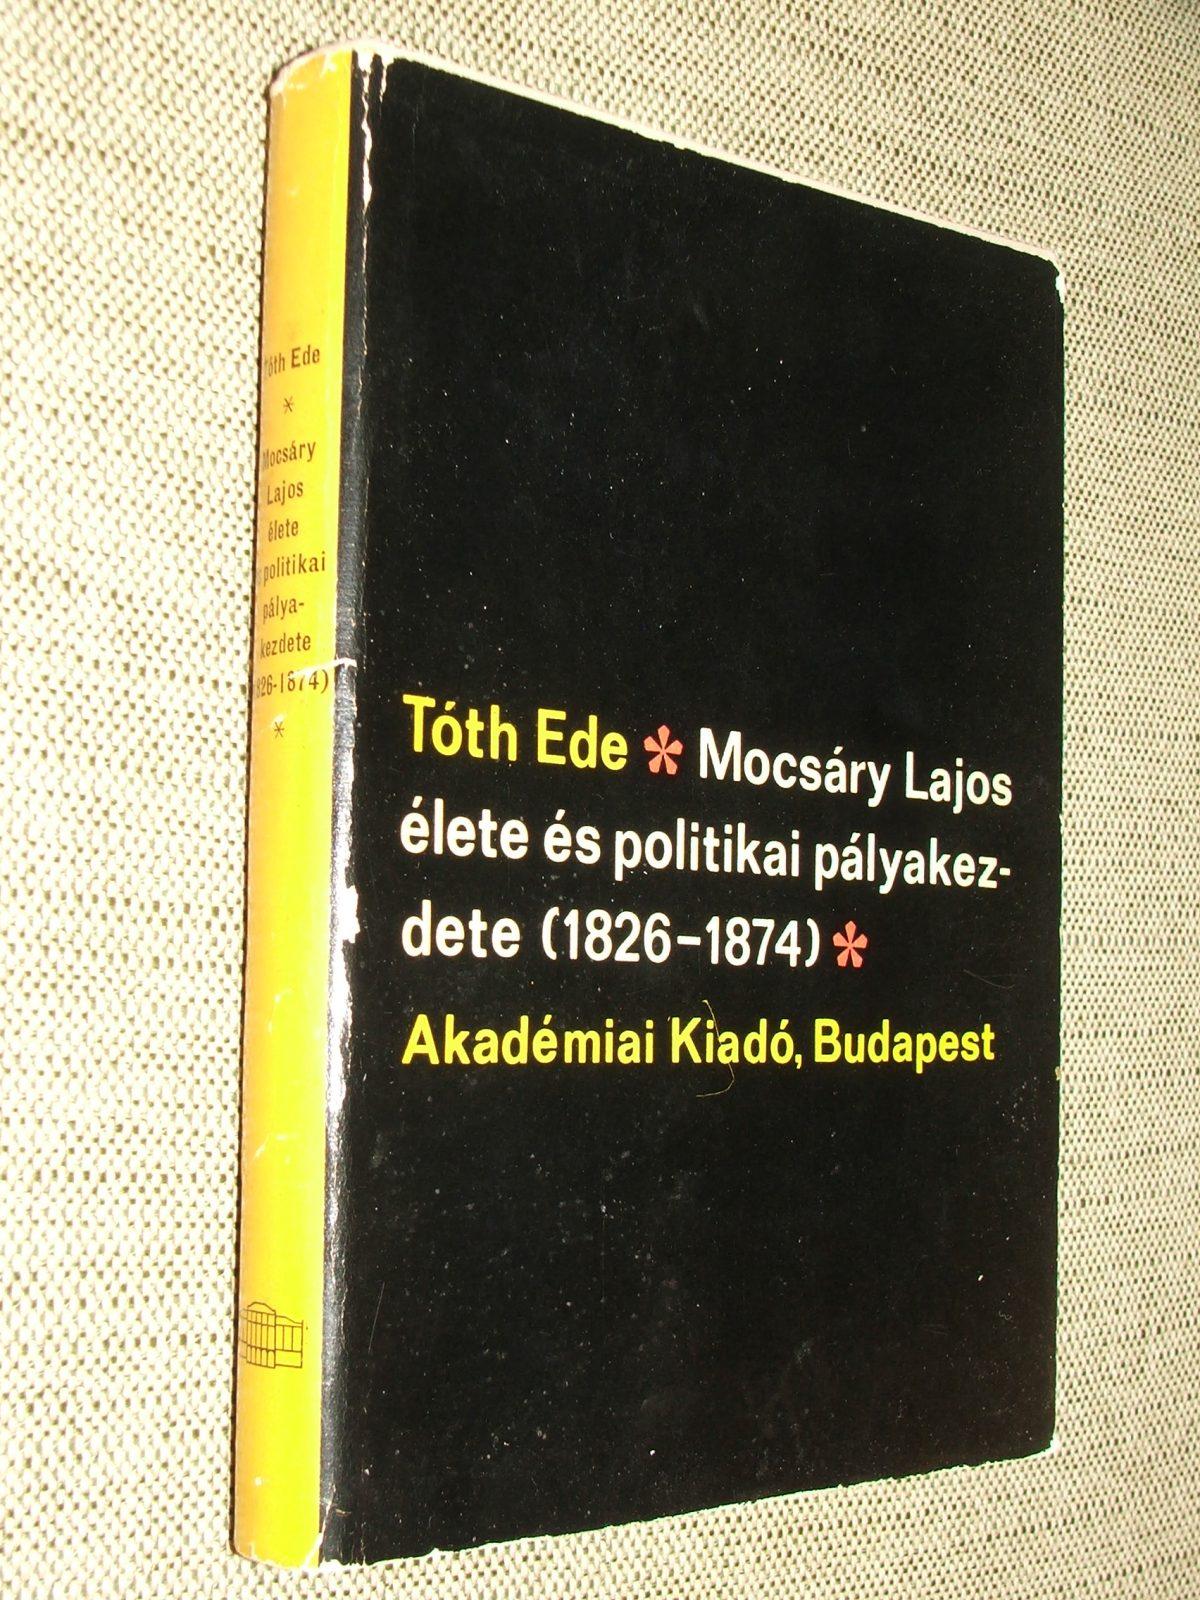 TÓTH Ede: Mocsáry Lajos élete és politikai pályakezdete (1826-1874)